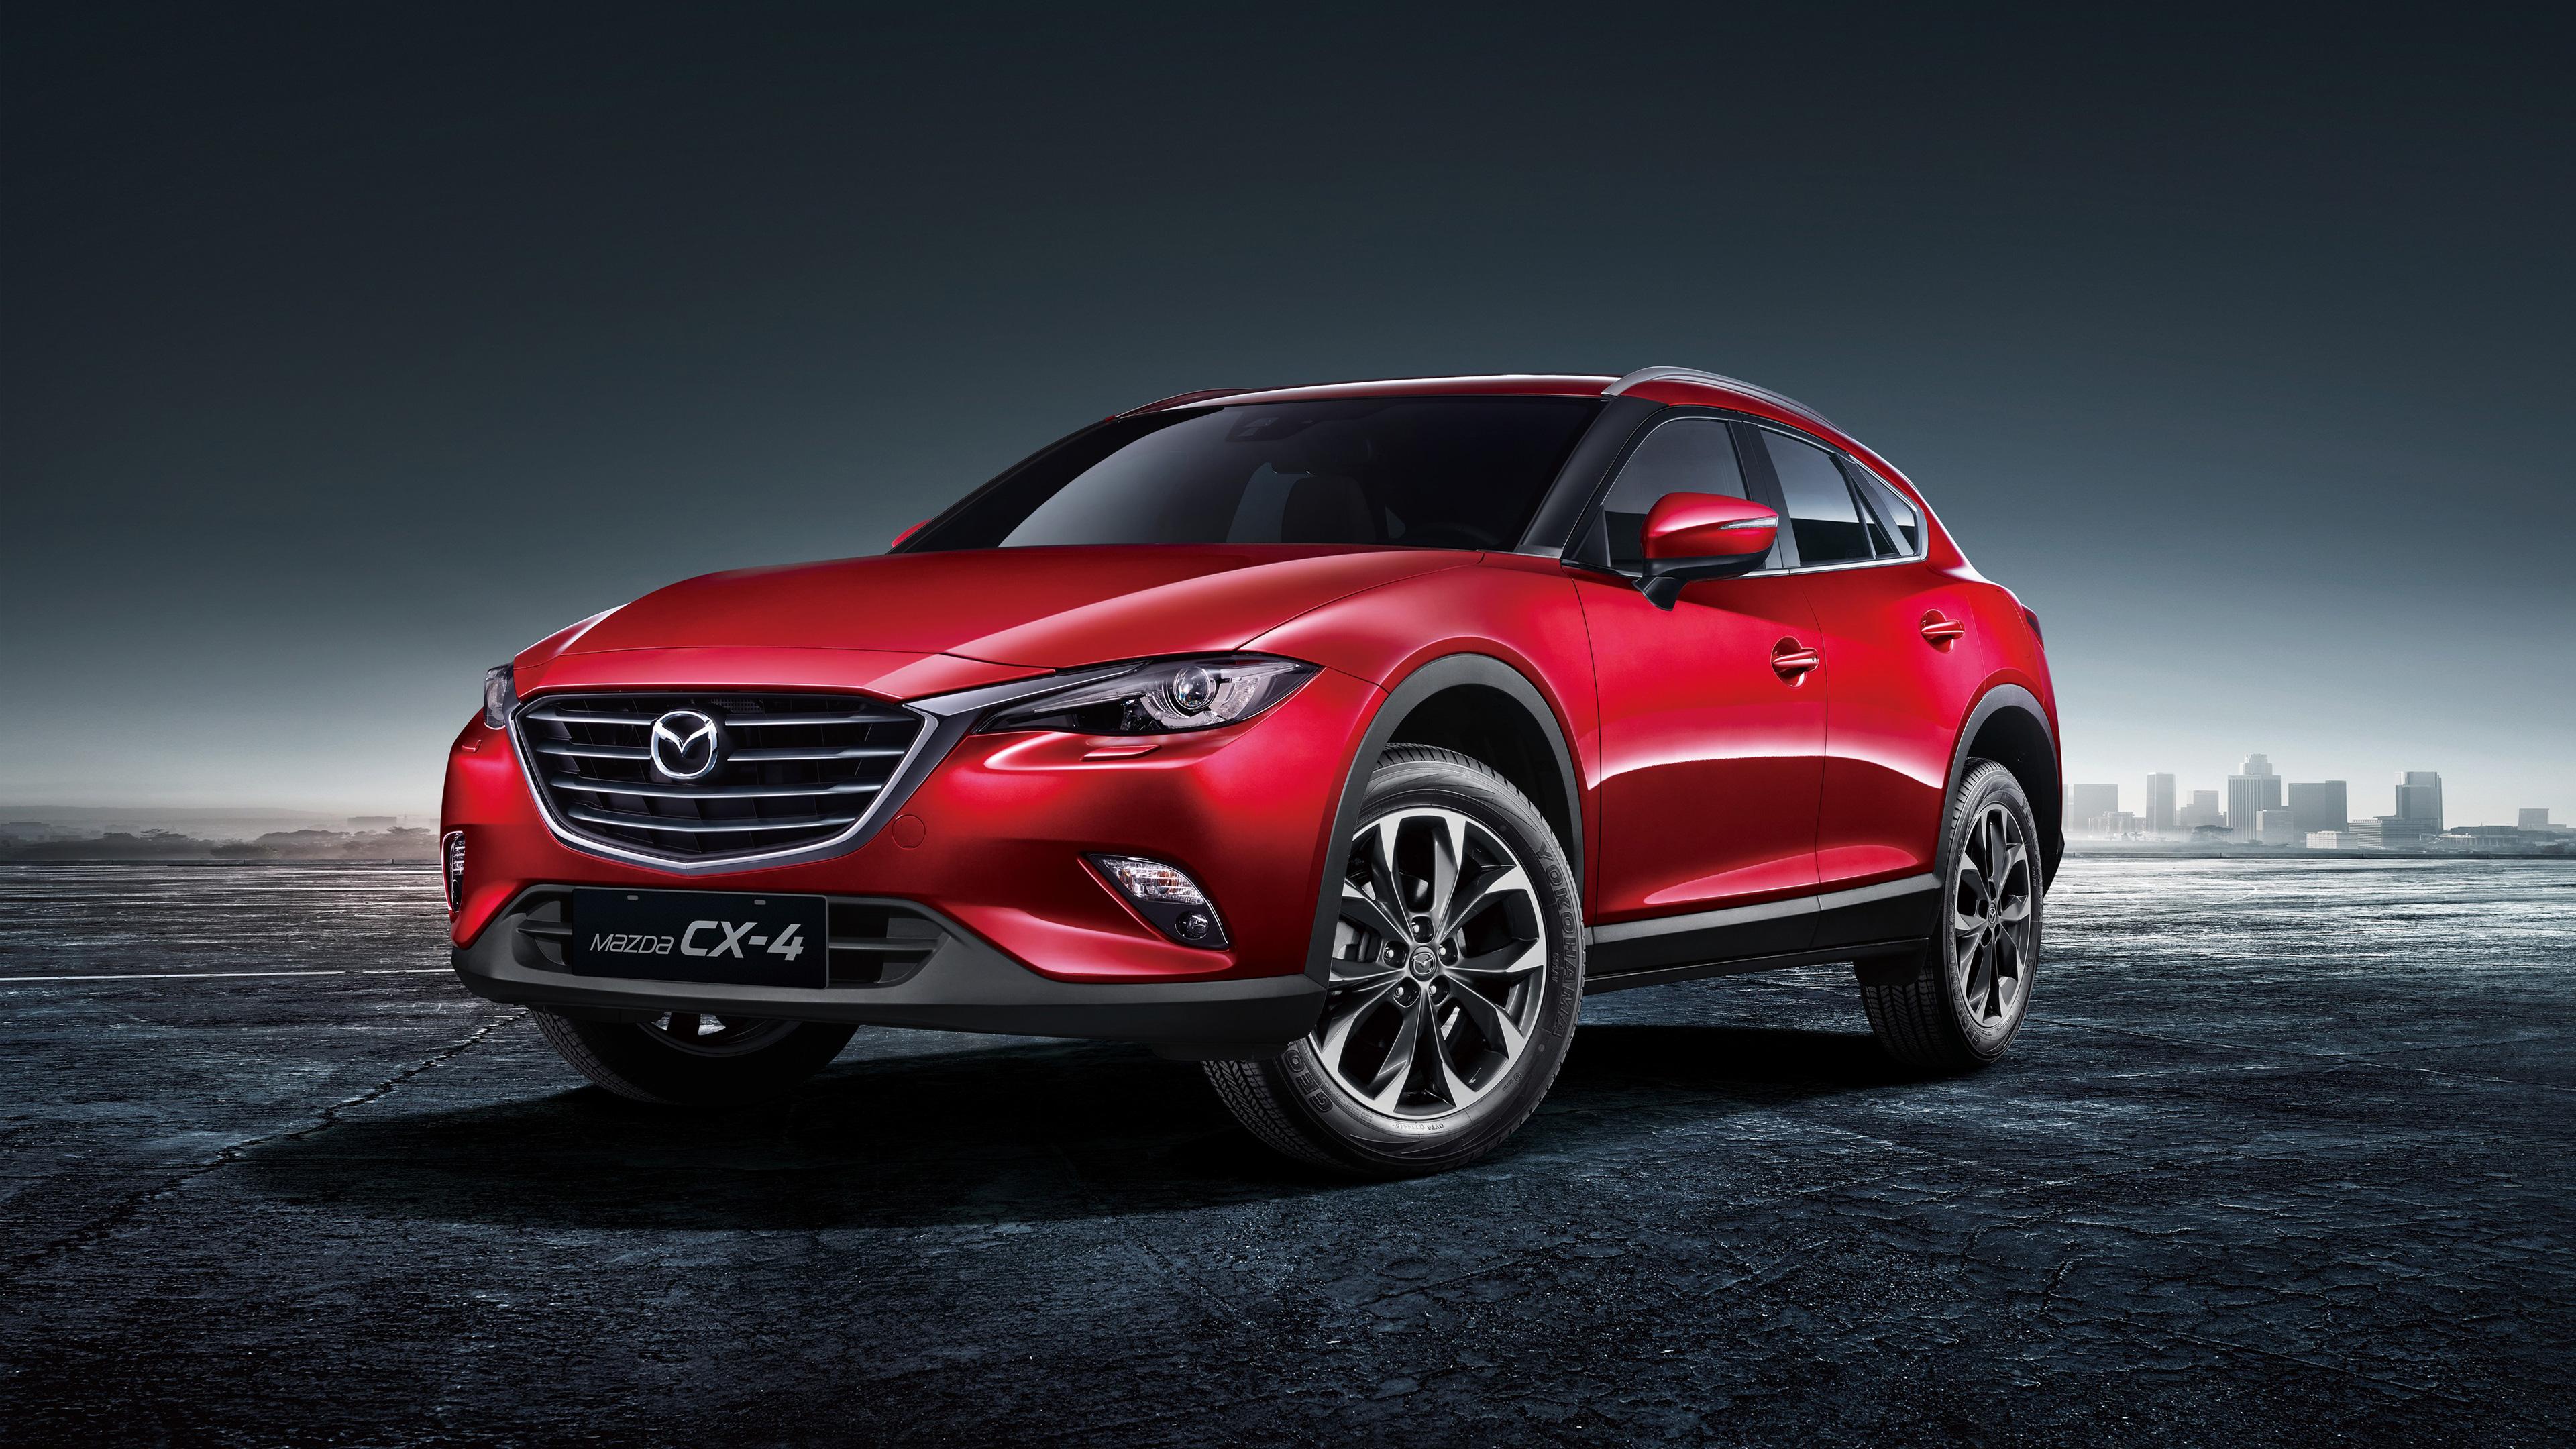 Kelebihan Kekurangan Mazda Cx 4 Tangguh